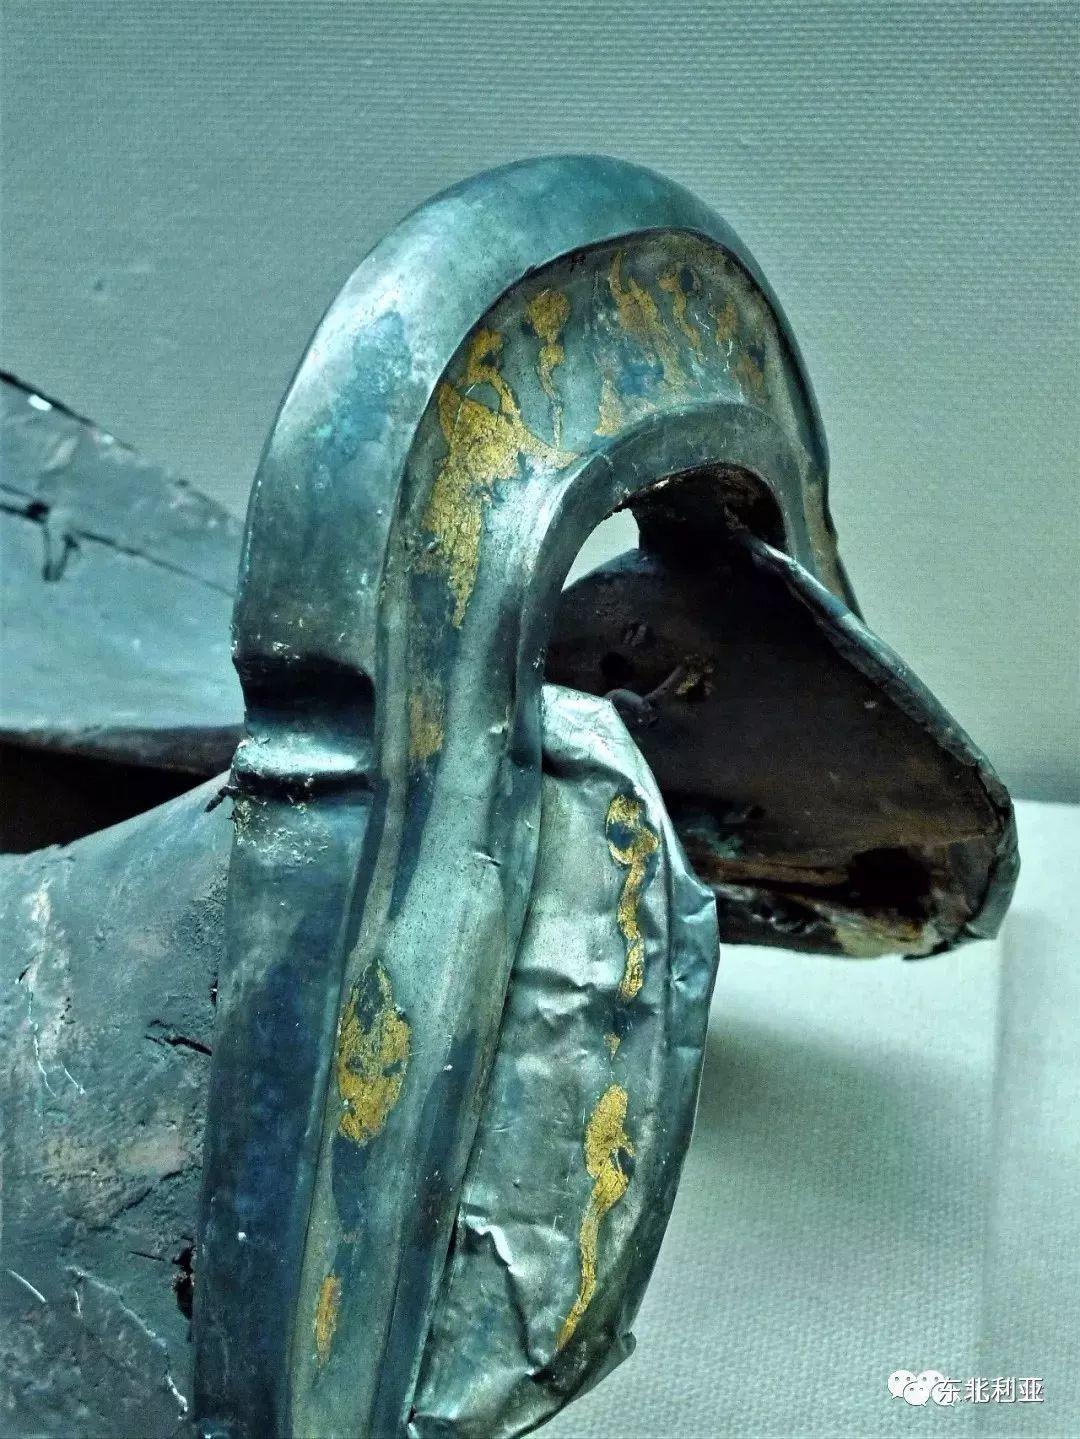 图集丨辽元时期的豪华马鞍与装饰 第2张